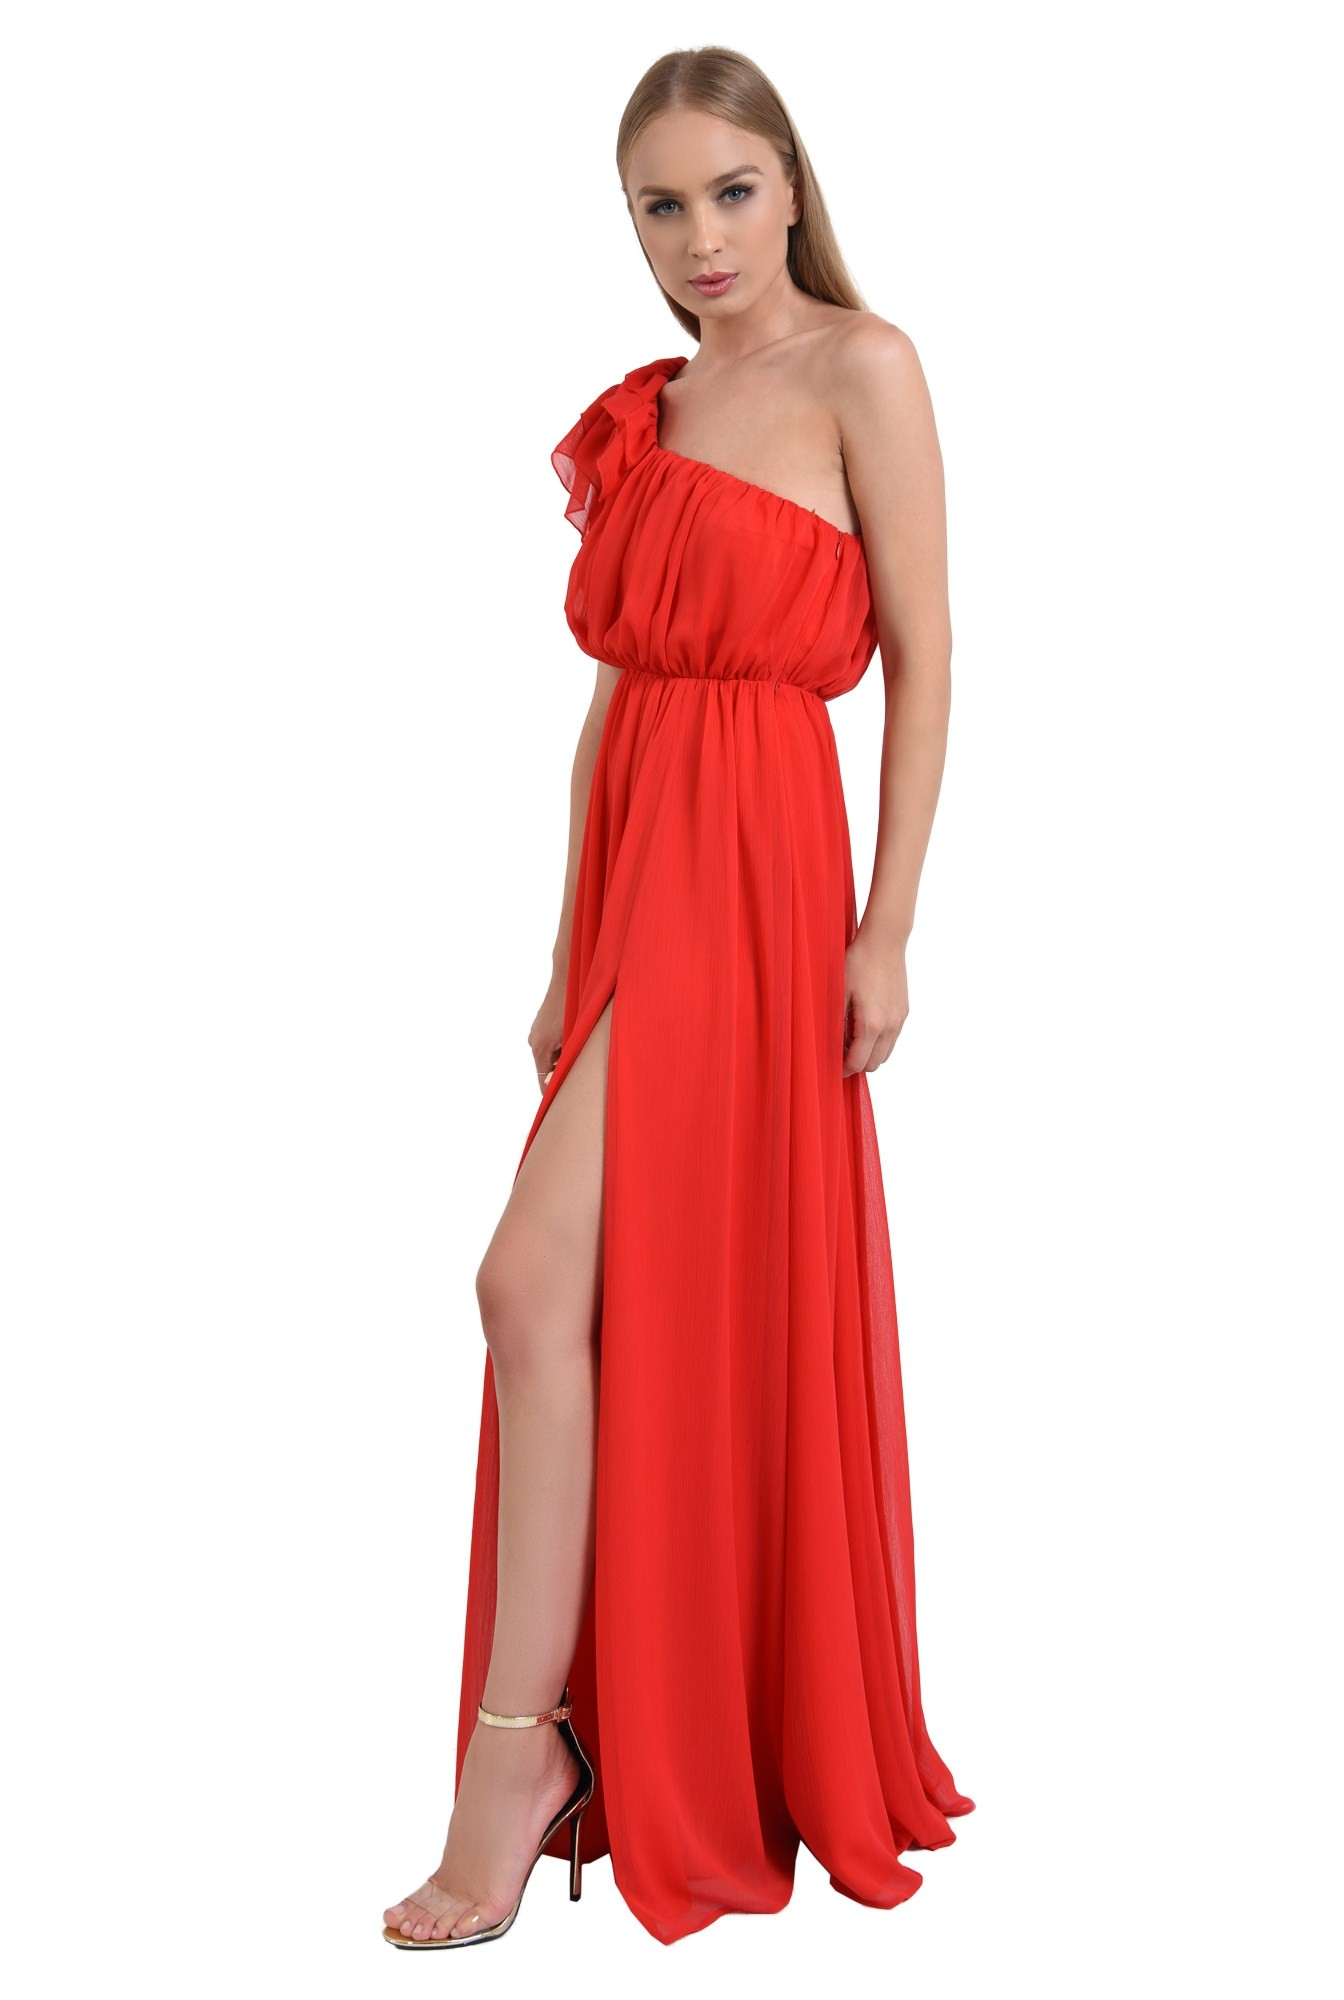 0 - rochie rosie, de seara, bust drapat, rochii online